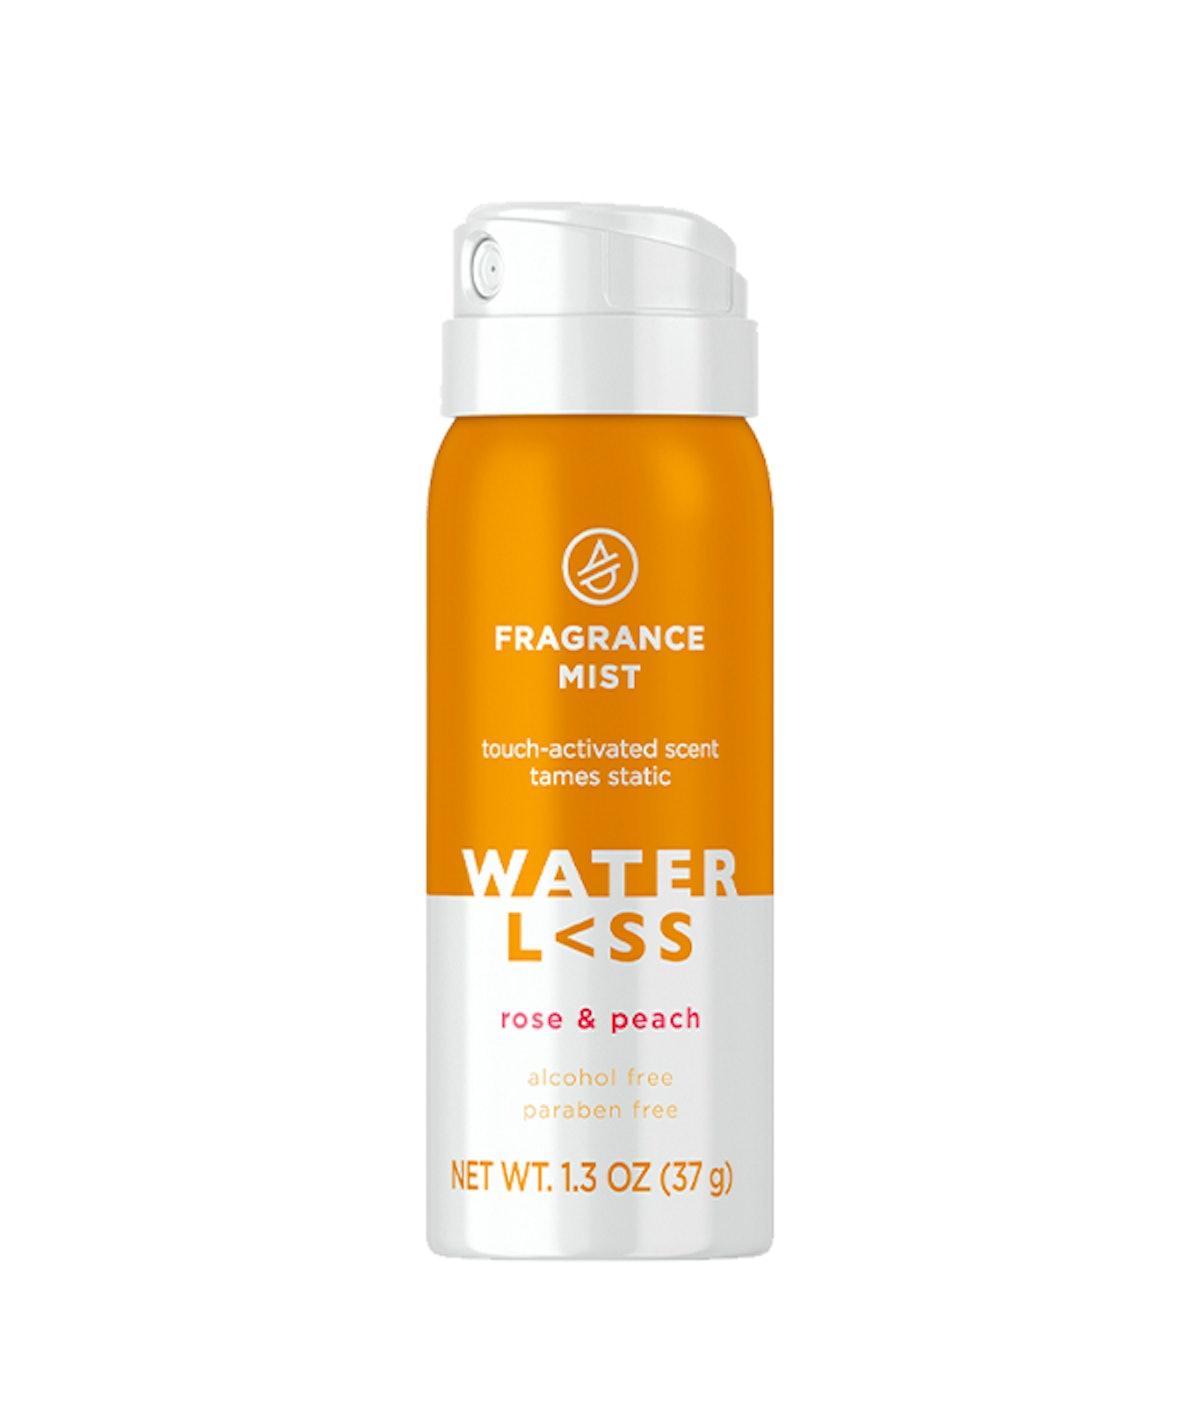 Waterless Rose & Peach Hair Fragrance